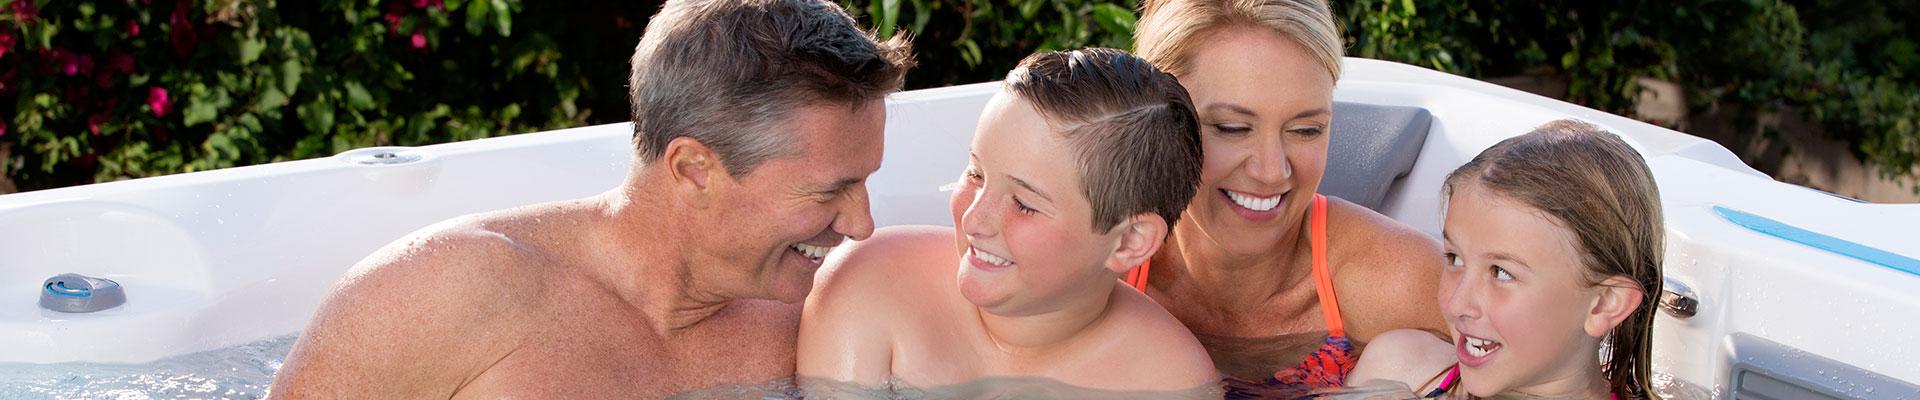 Burnsville Hot Tub, Swim Spa, Sauna Dealer Supports National Optimism Month